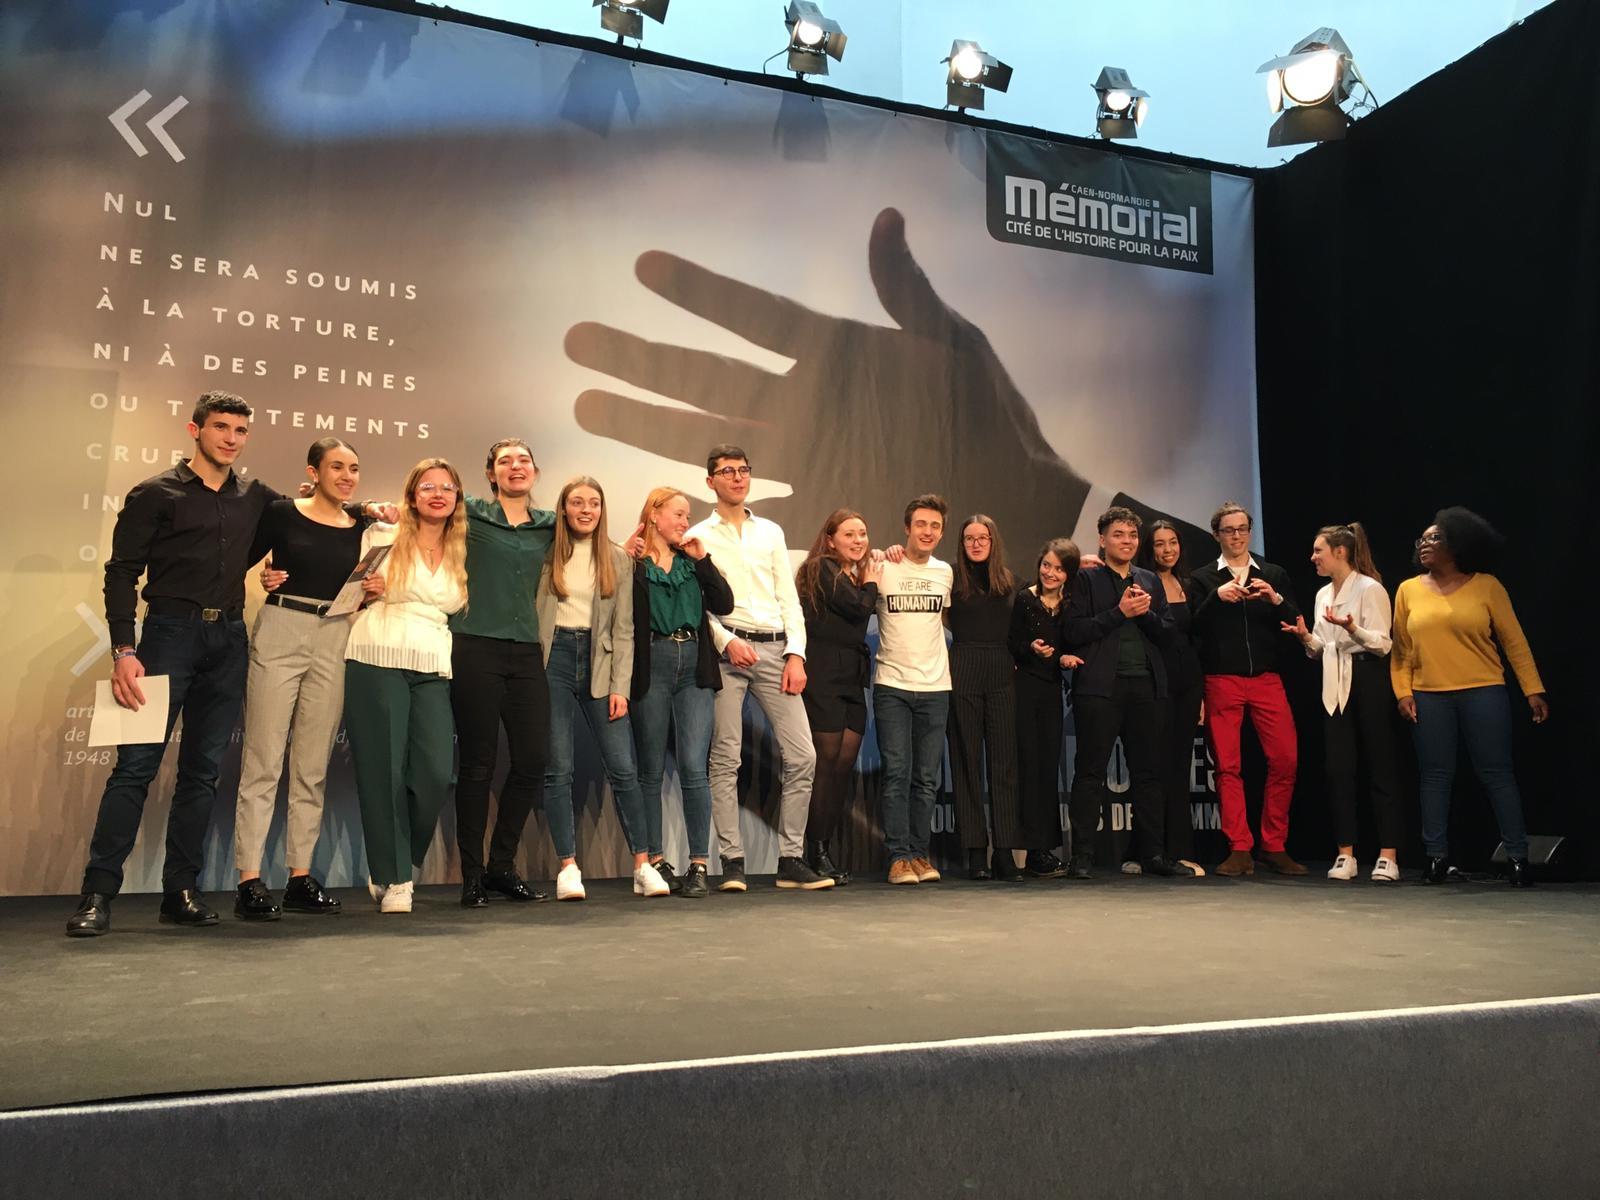 Une guadeloupéenne obtient le 2ème prix au concours d'éloquence de Caen